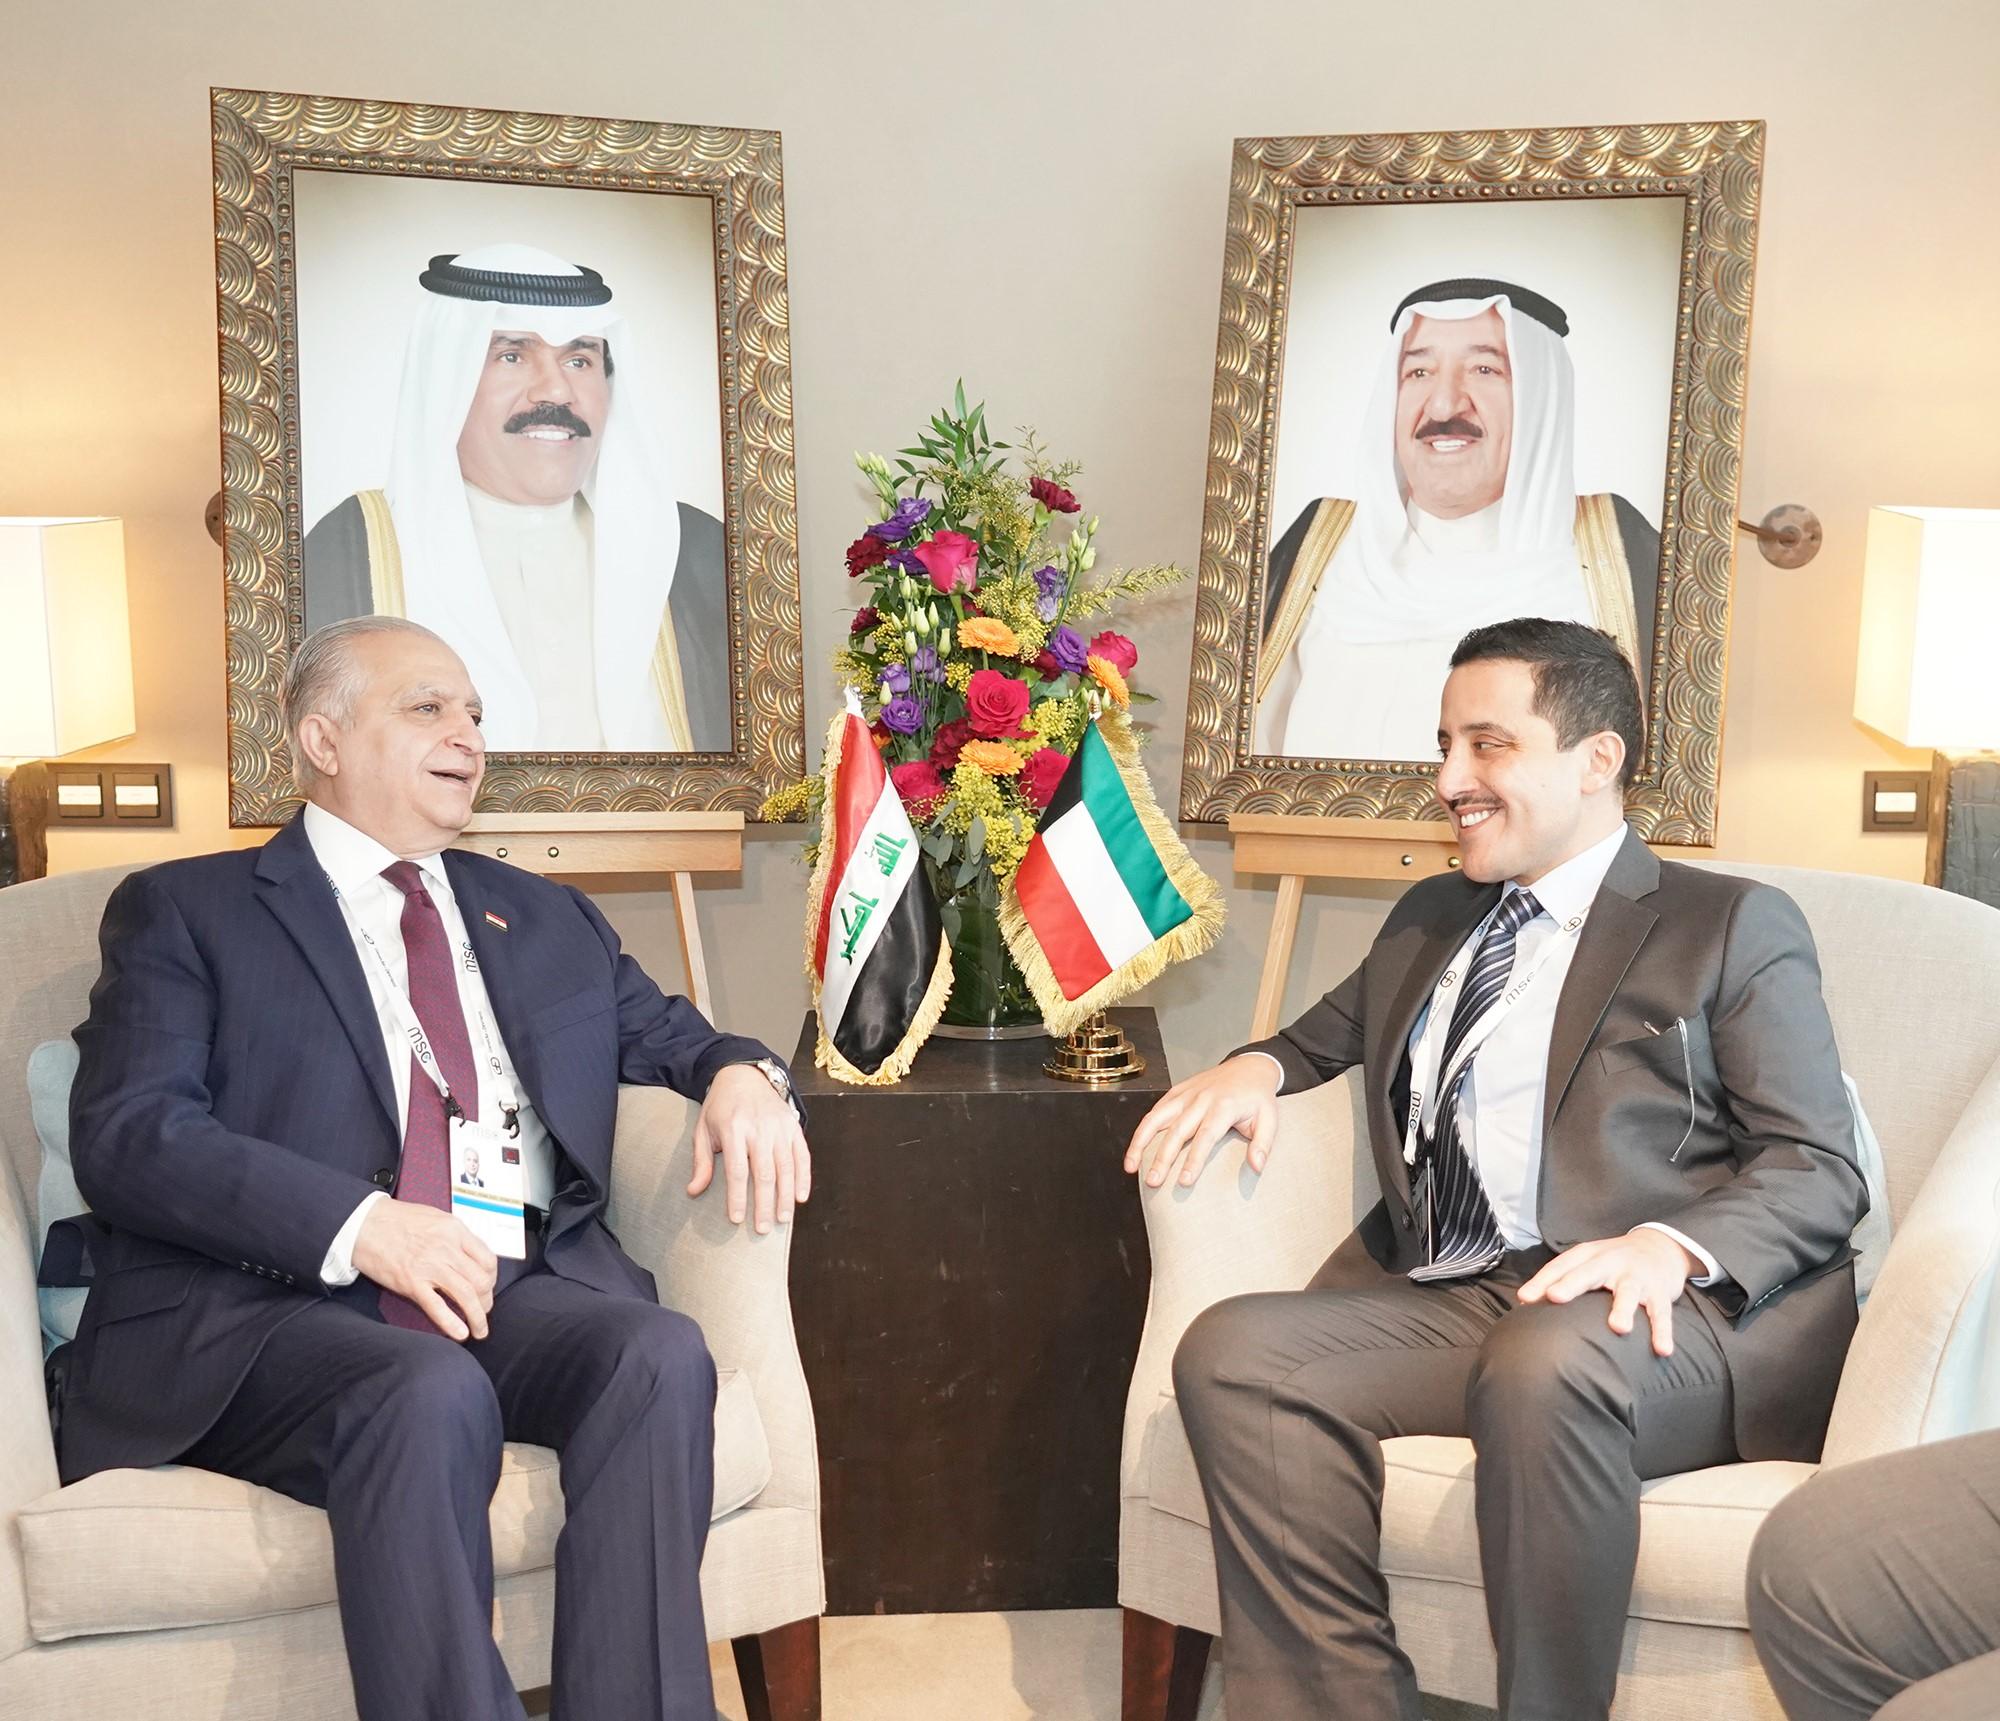 وزير الخارجية يلتقي نظيره العراقي على هامش مؤتمر ميونخ